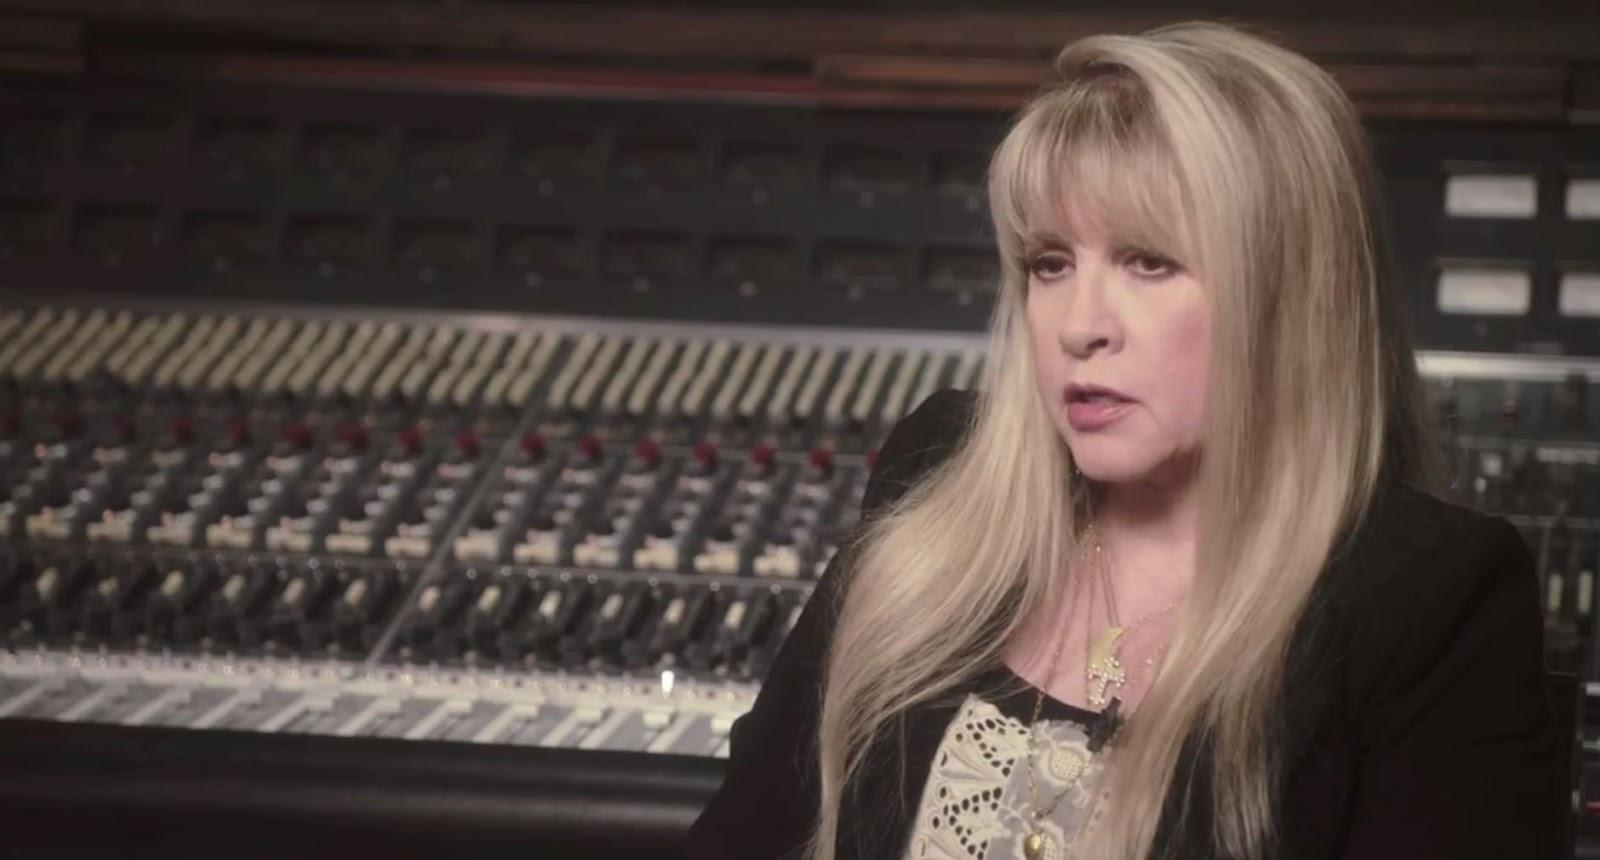 http://4.bp.blogspot.com/-E0rxaJlRwVc/UPGRsT5VUkI/AAAAAAAAaiw/Dj3dyA9UZ18/s1600/Stevie+Nicks+Sound+City+Movie.JPG